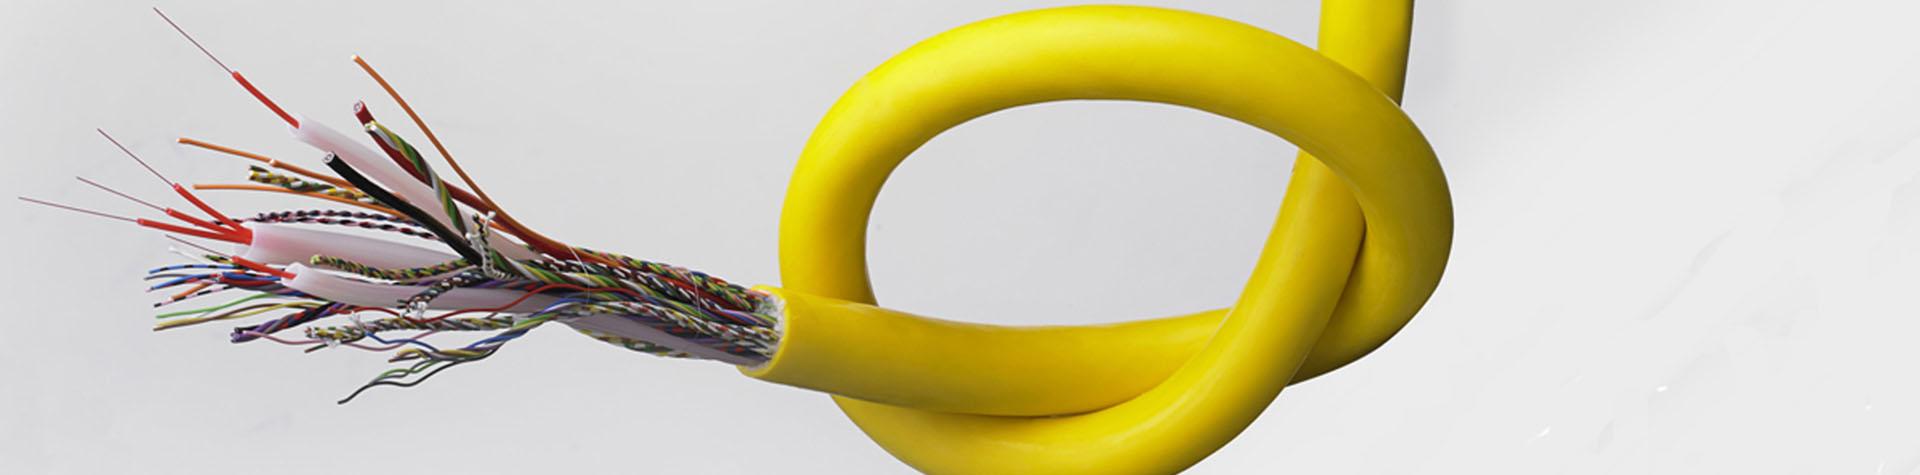 Abisoliertes Kabel gelb mit Leitermarkierung